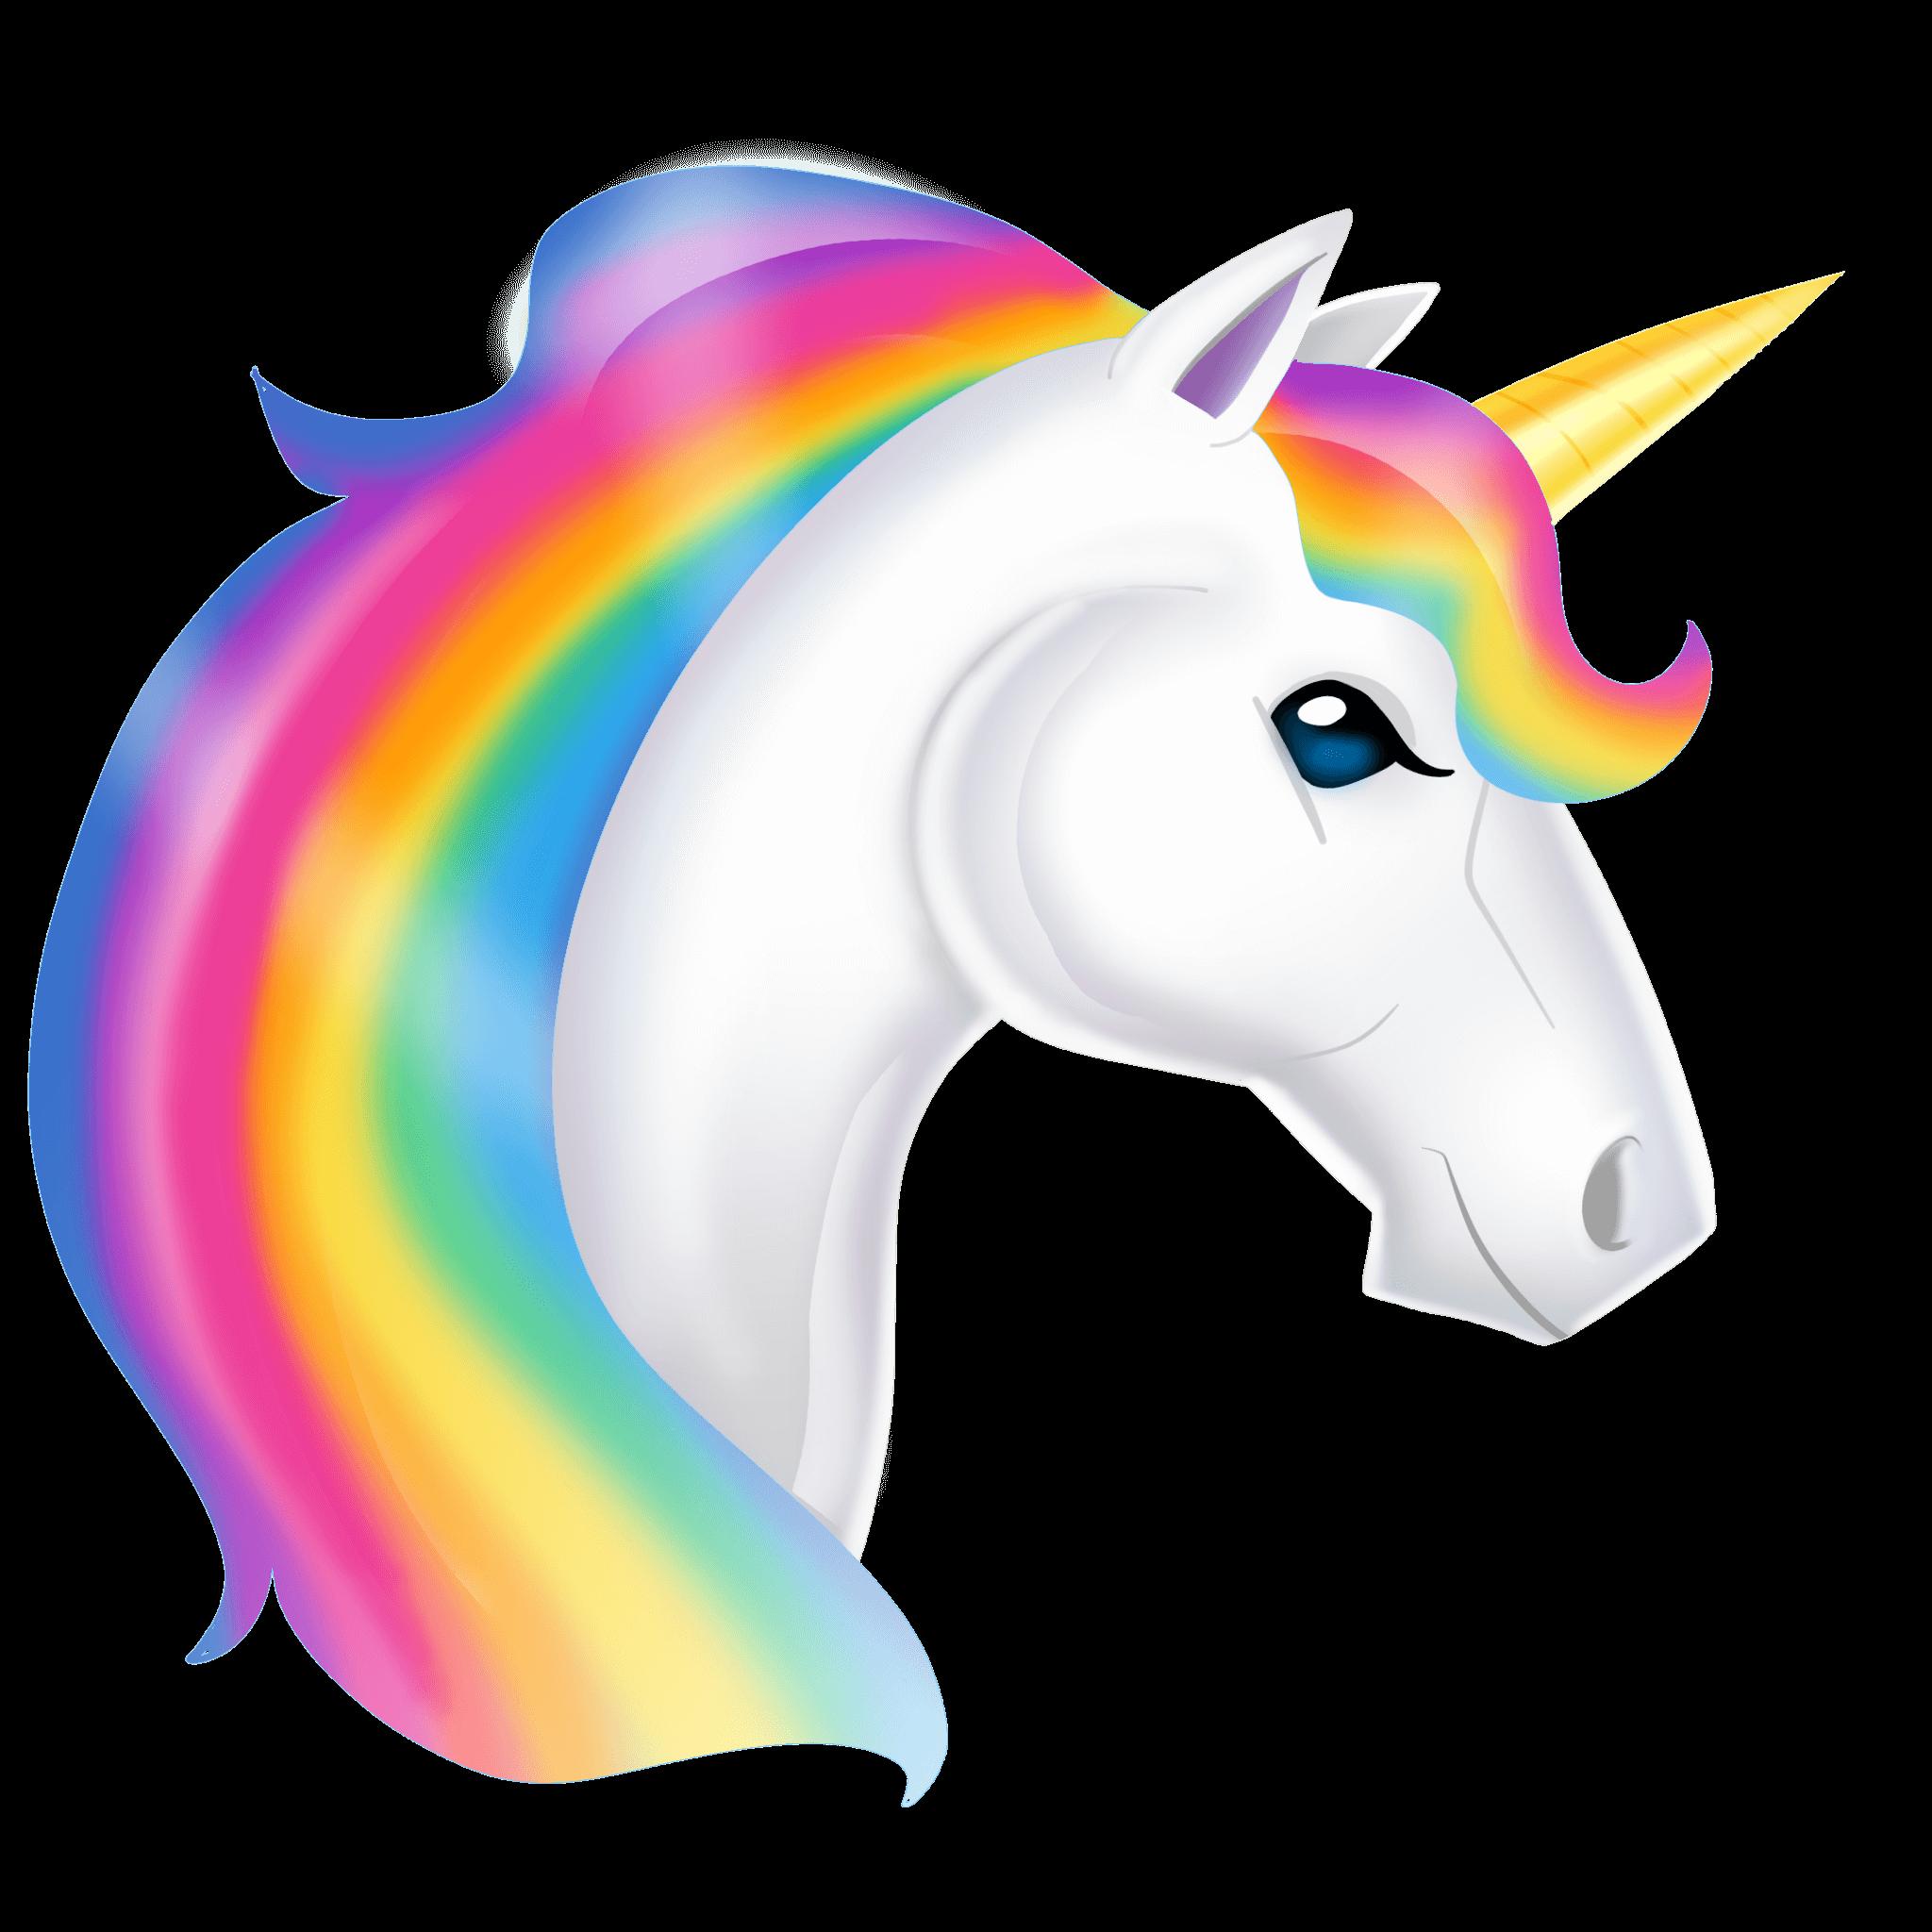 The 10 Most Popular Gaymojis So Far